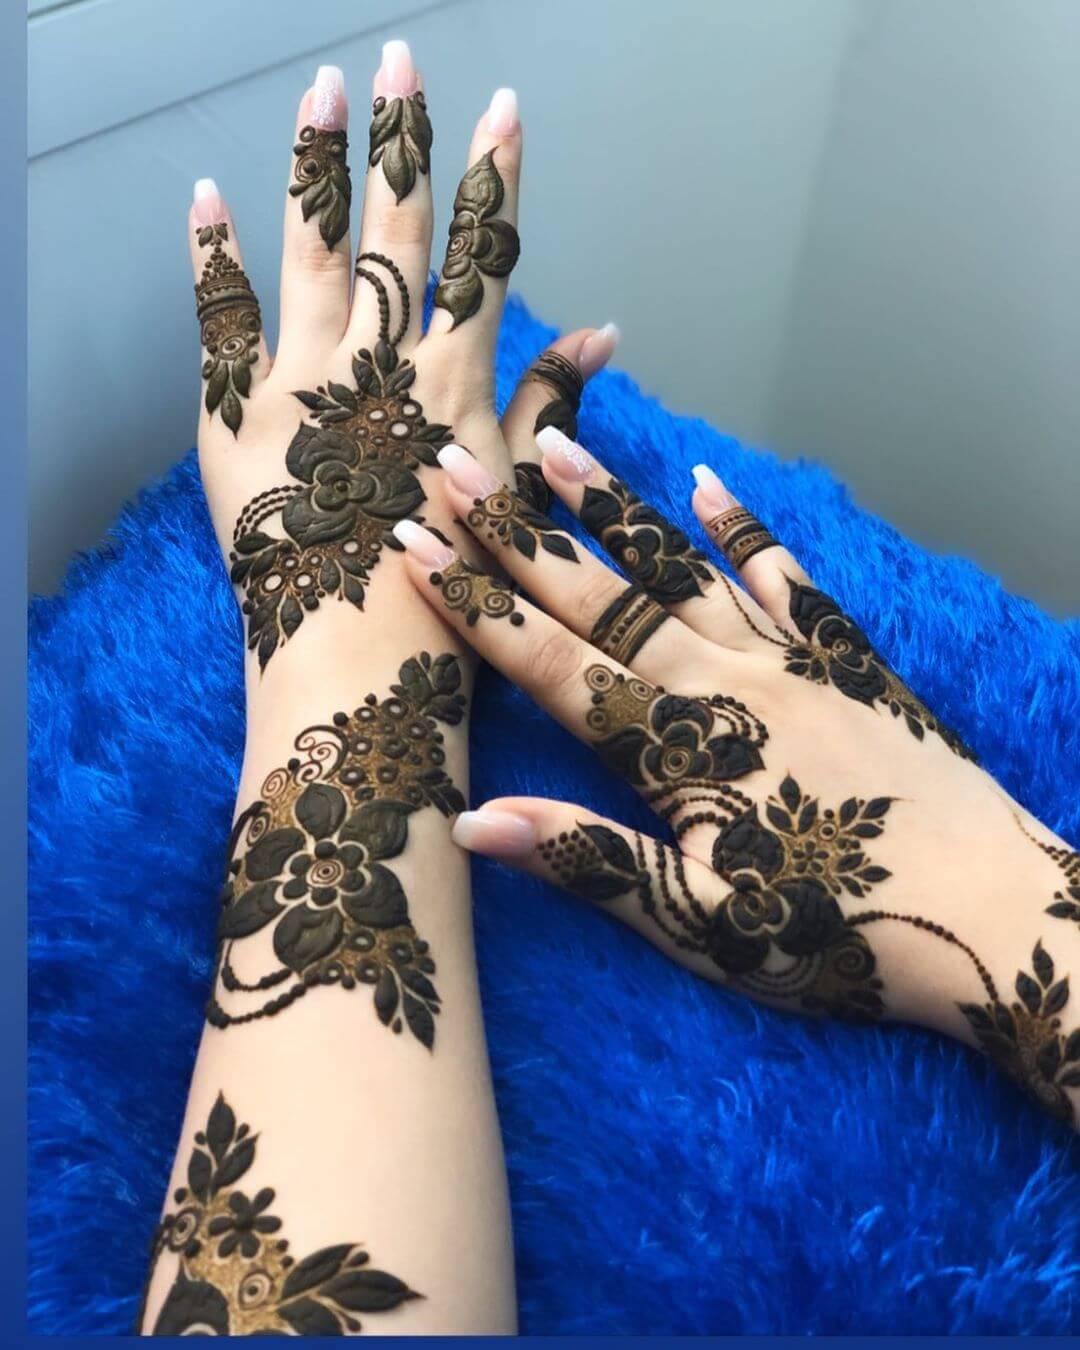 Elaborate Floral mehndi designs for back hands